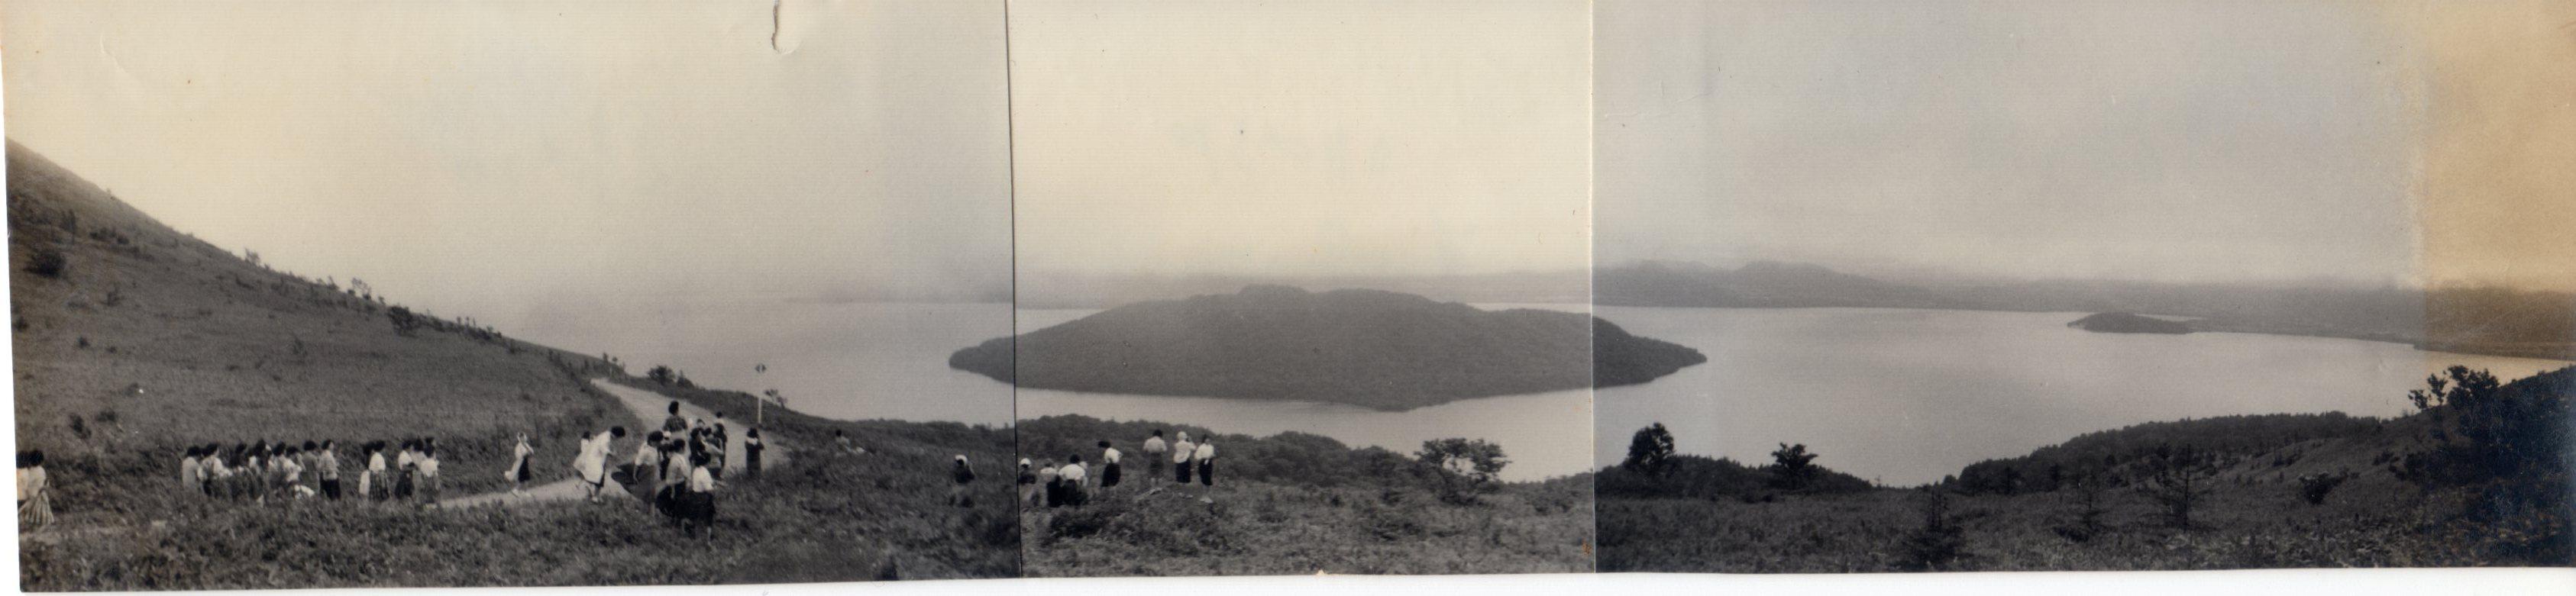 北海道美幌峠パノラマ・1960年293